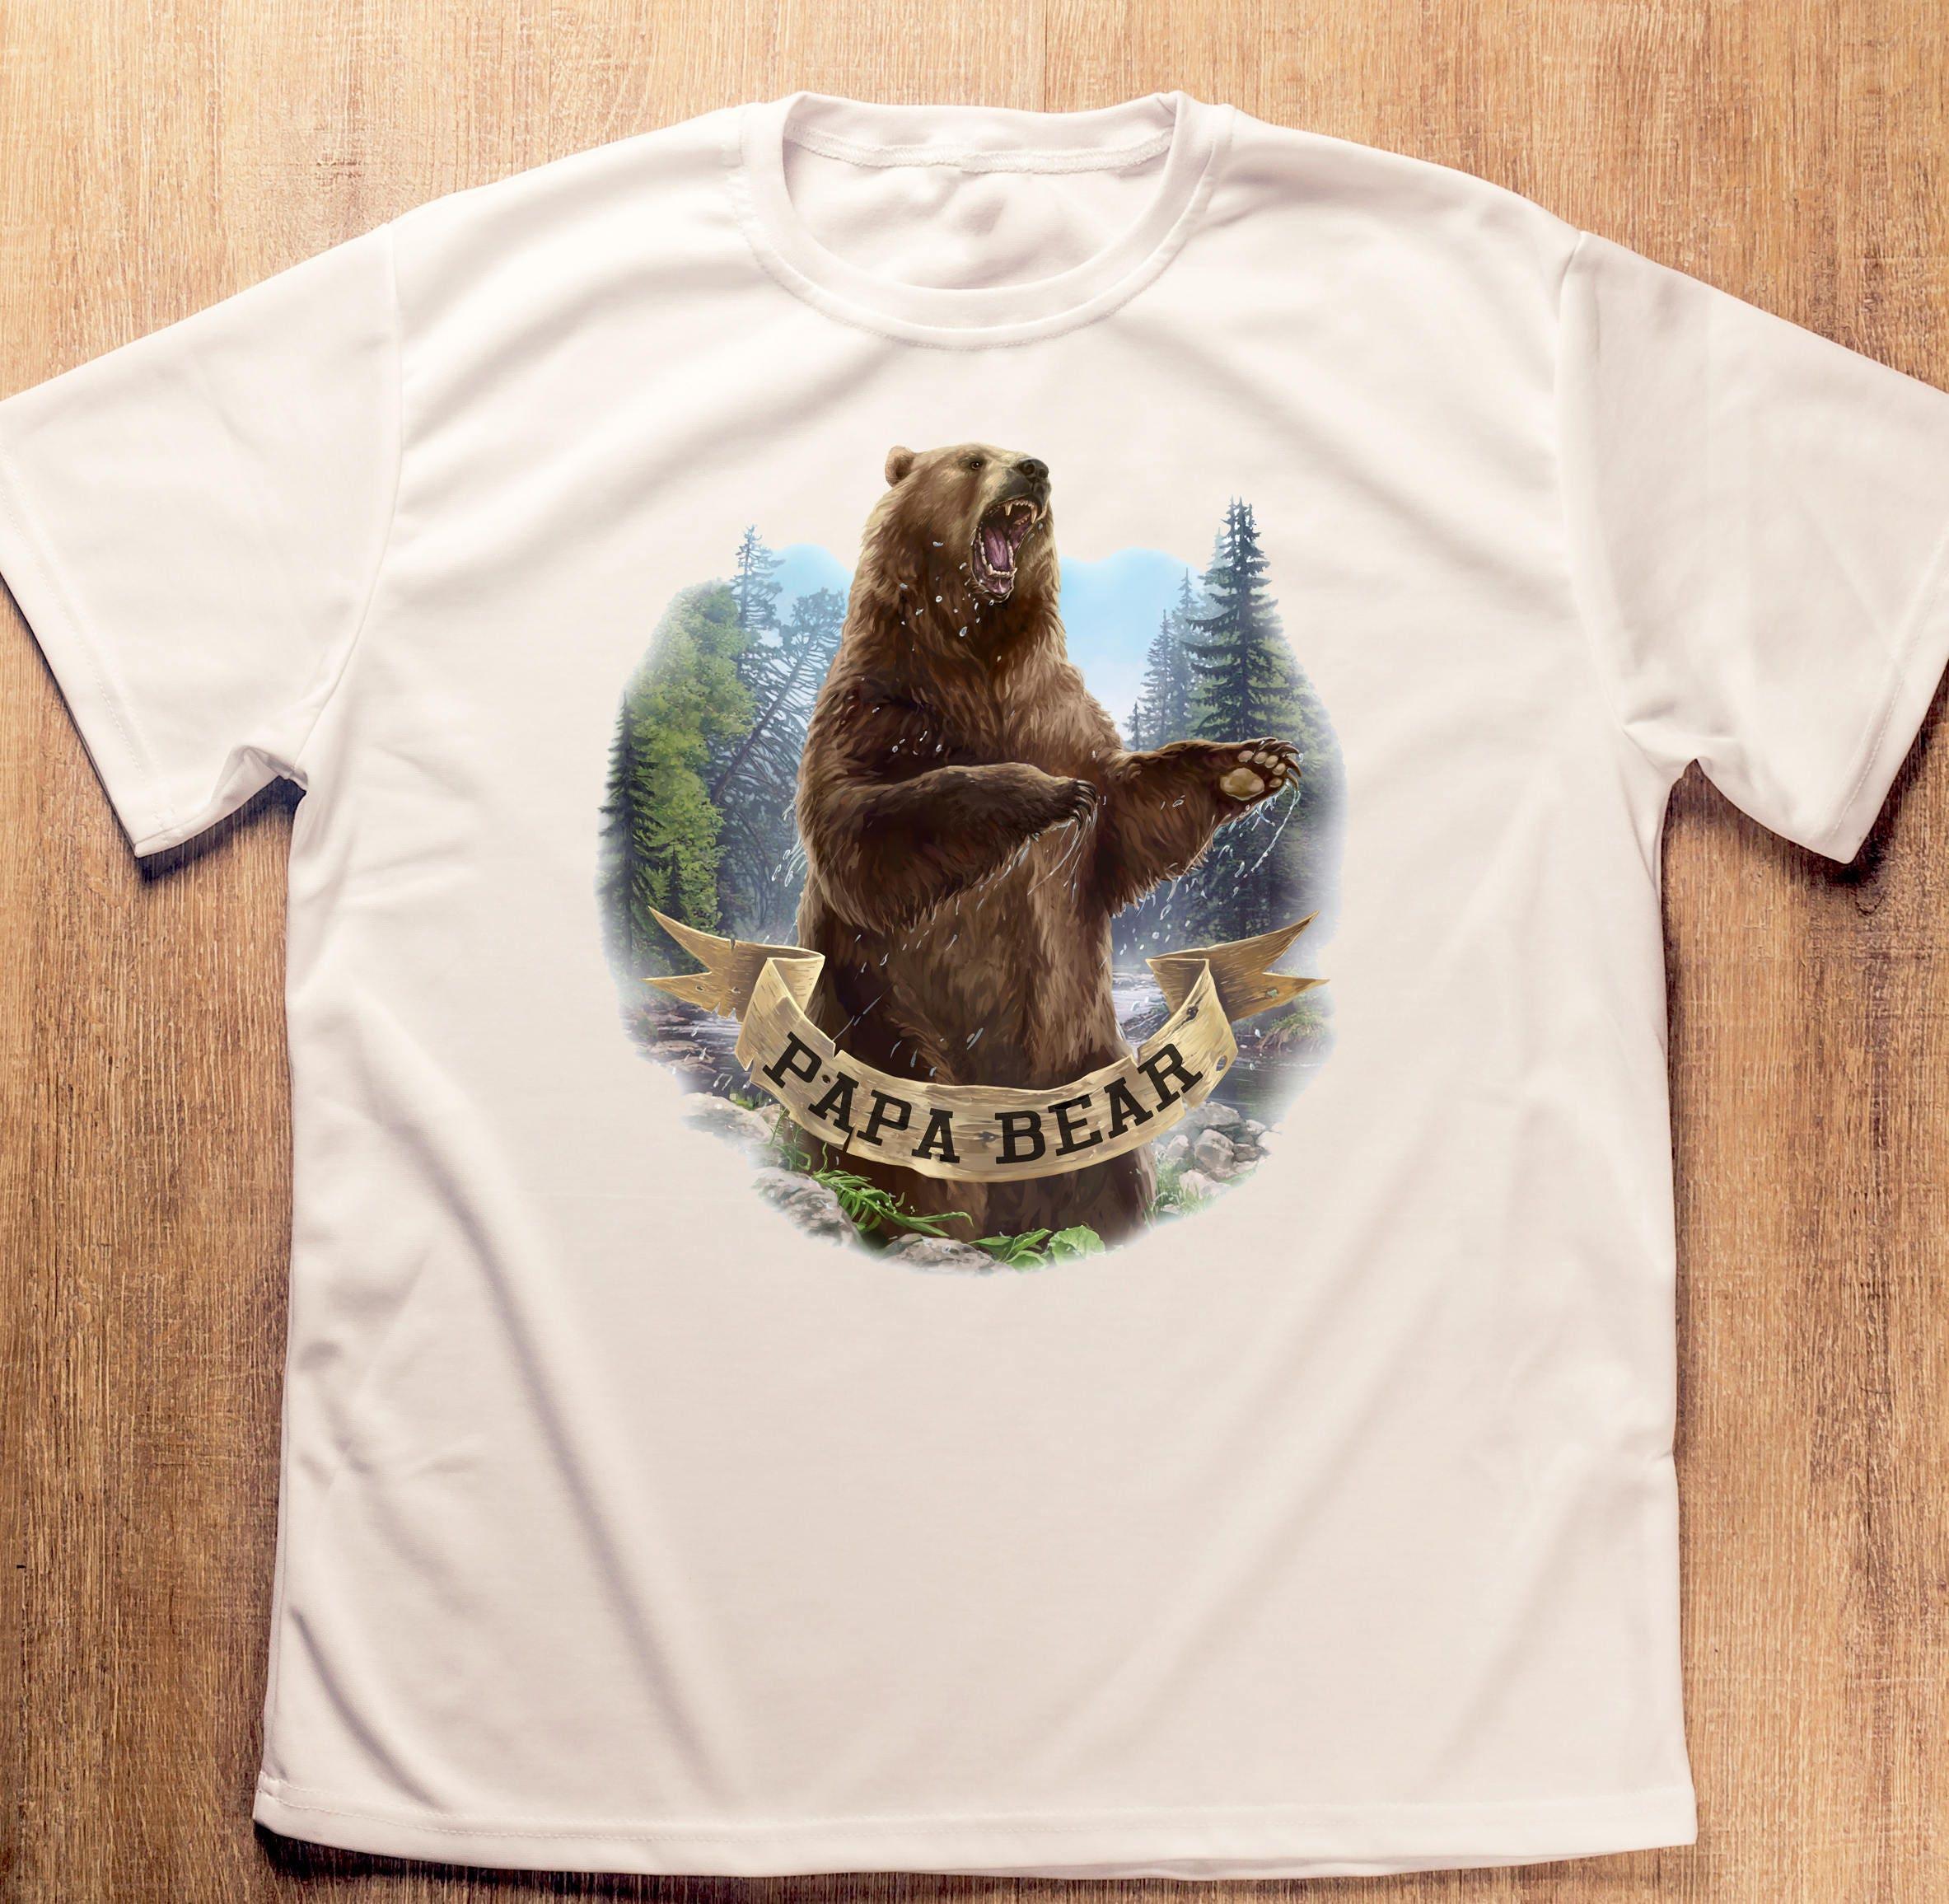 Papa ours T-Shirt pères jour Papa ours Funny Dad chemise papa vêtements  pères jour cadeau pour papa ours chemise Papa ours chemise Papa ours Tee 4085a5cb9d0